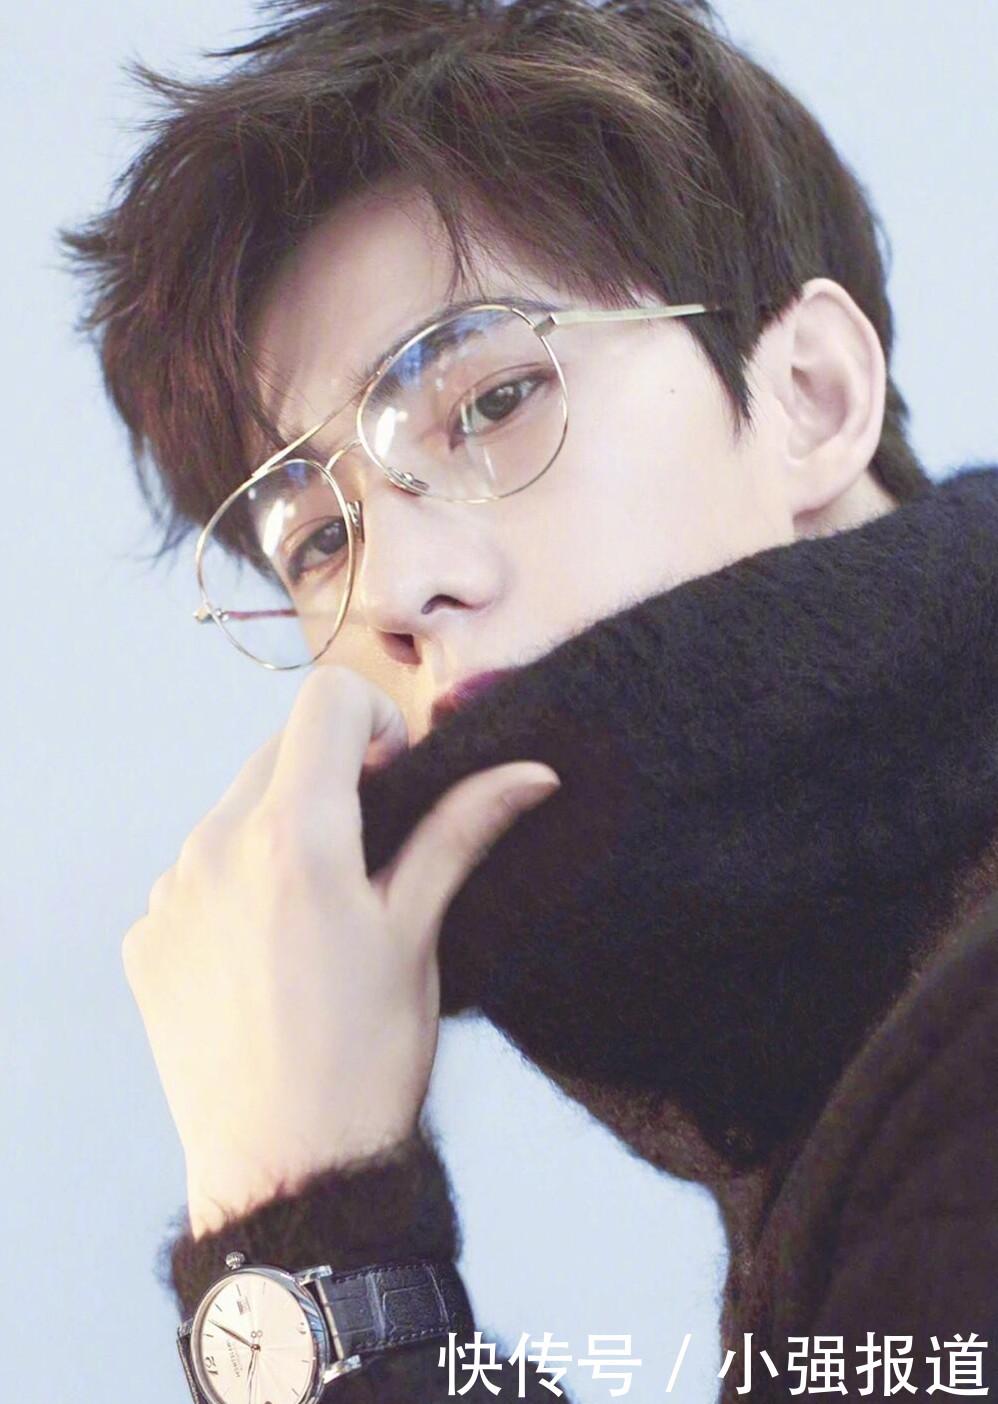 明星戴眼镜有多迷人?杨洋帅气,李现慵懒,看到肖战:无法拒绝!